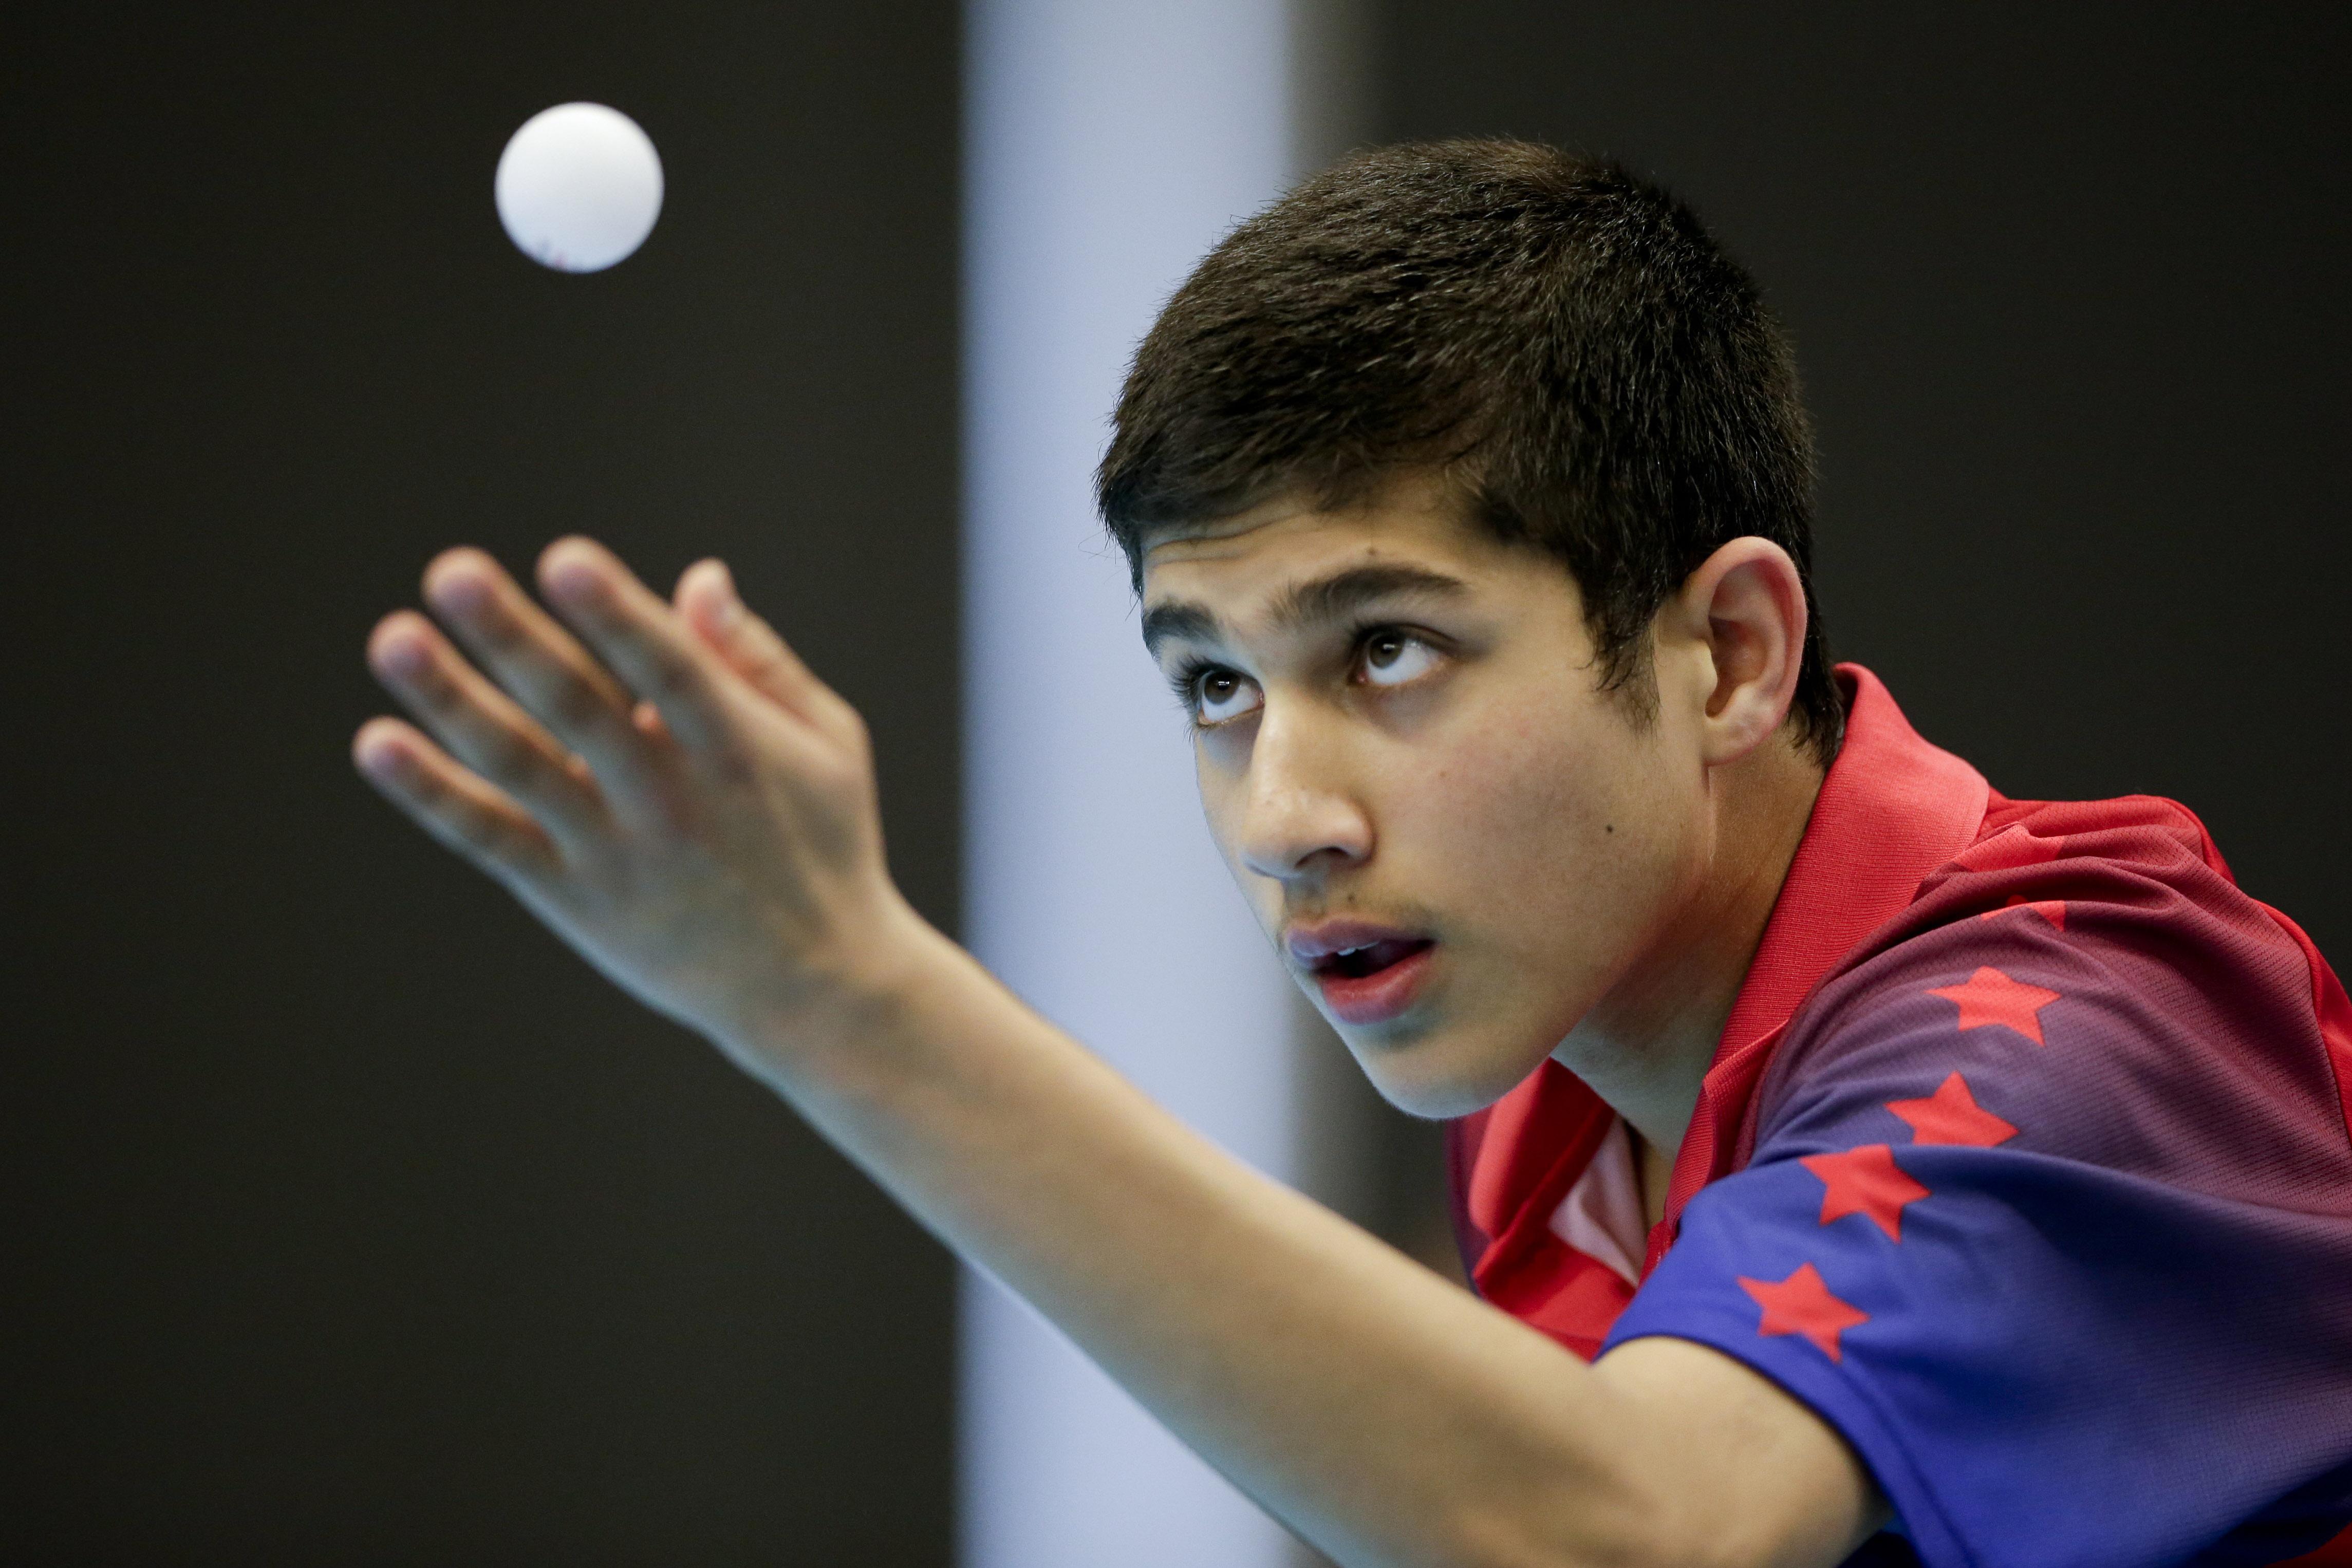 CORRECTION Canada Pan Am Games Table Tennis